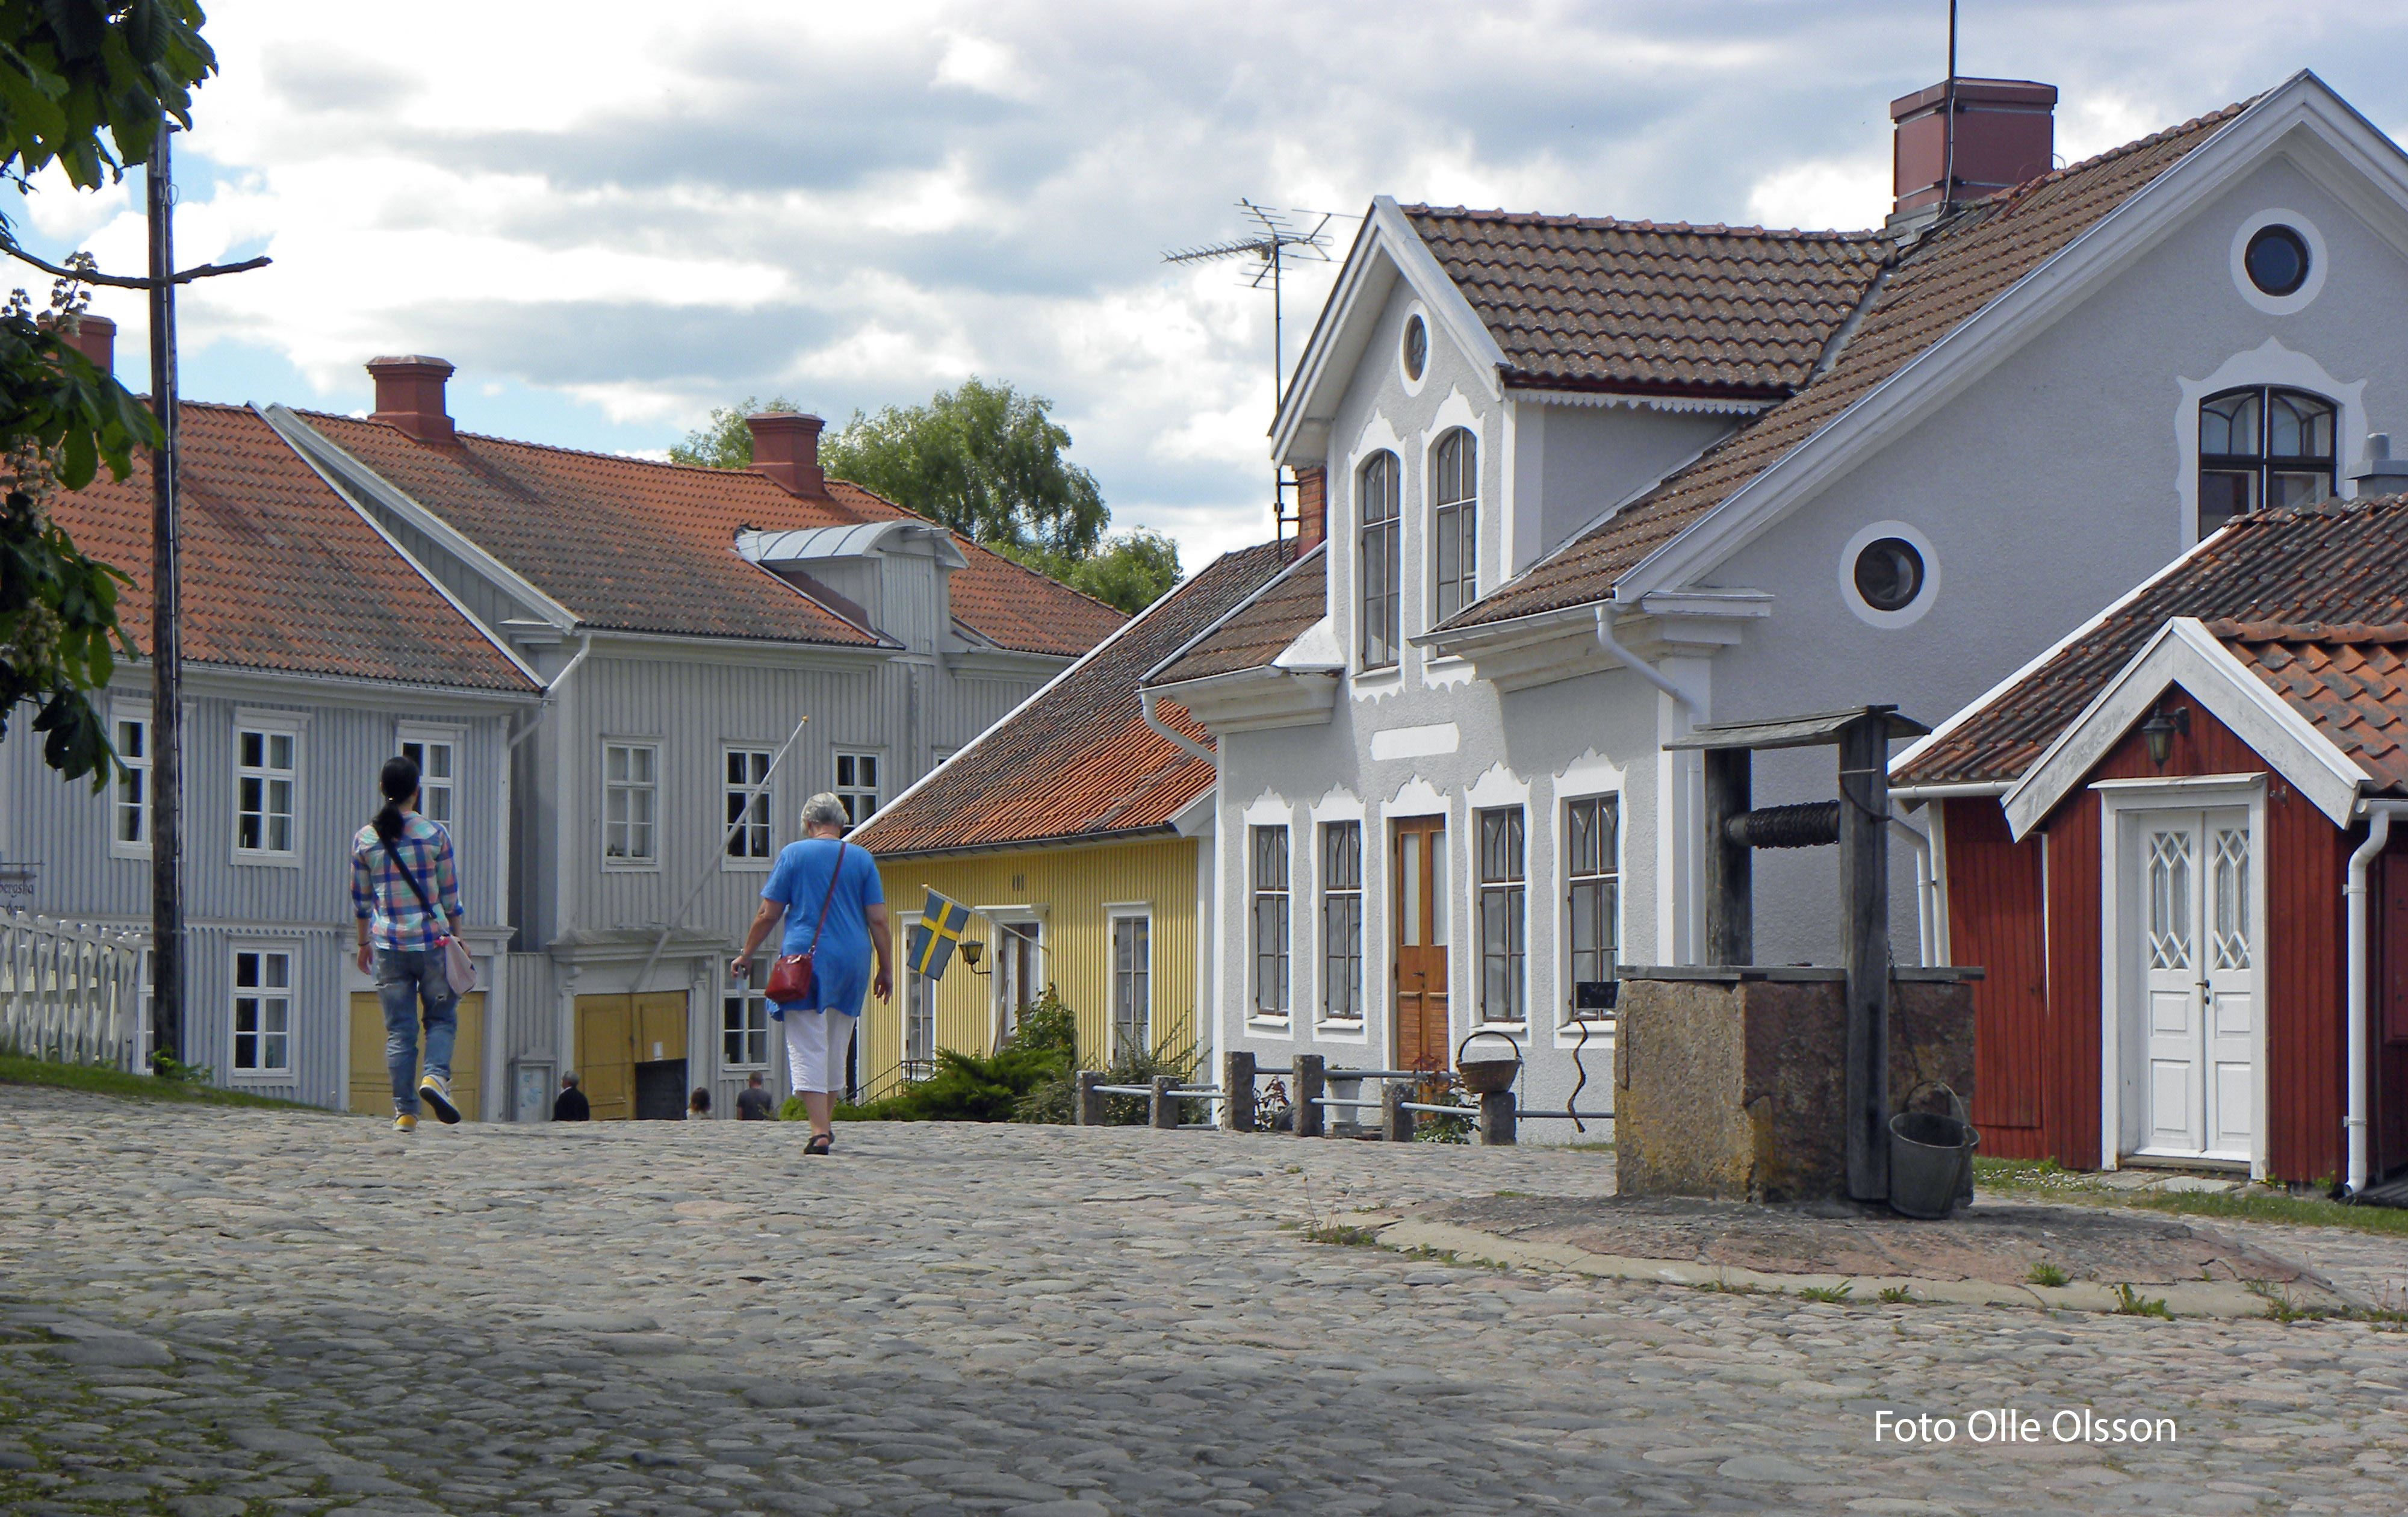 Kulturdag & 100-årsjubileum i Pataholm!